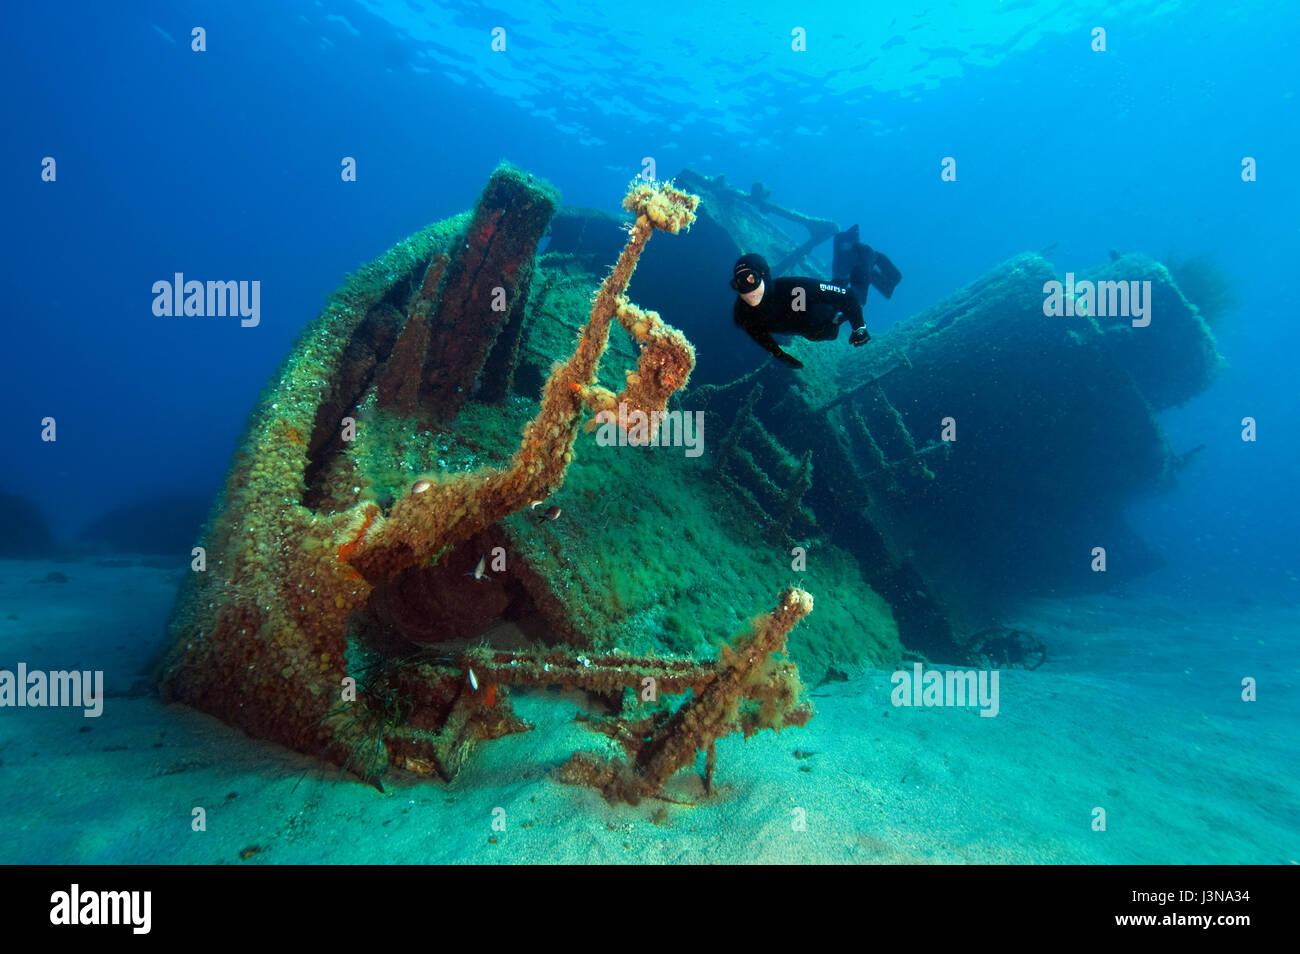 Apnoe, plongeur apnéiste, apnée, plongée avec tuba, épave, MV Elviscot, construit en 1960, coulé Photo Stock